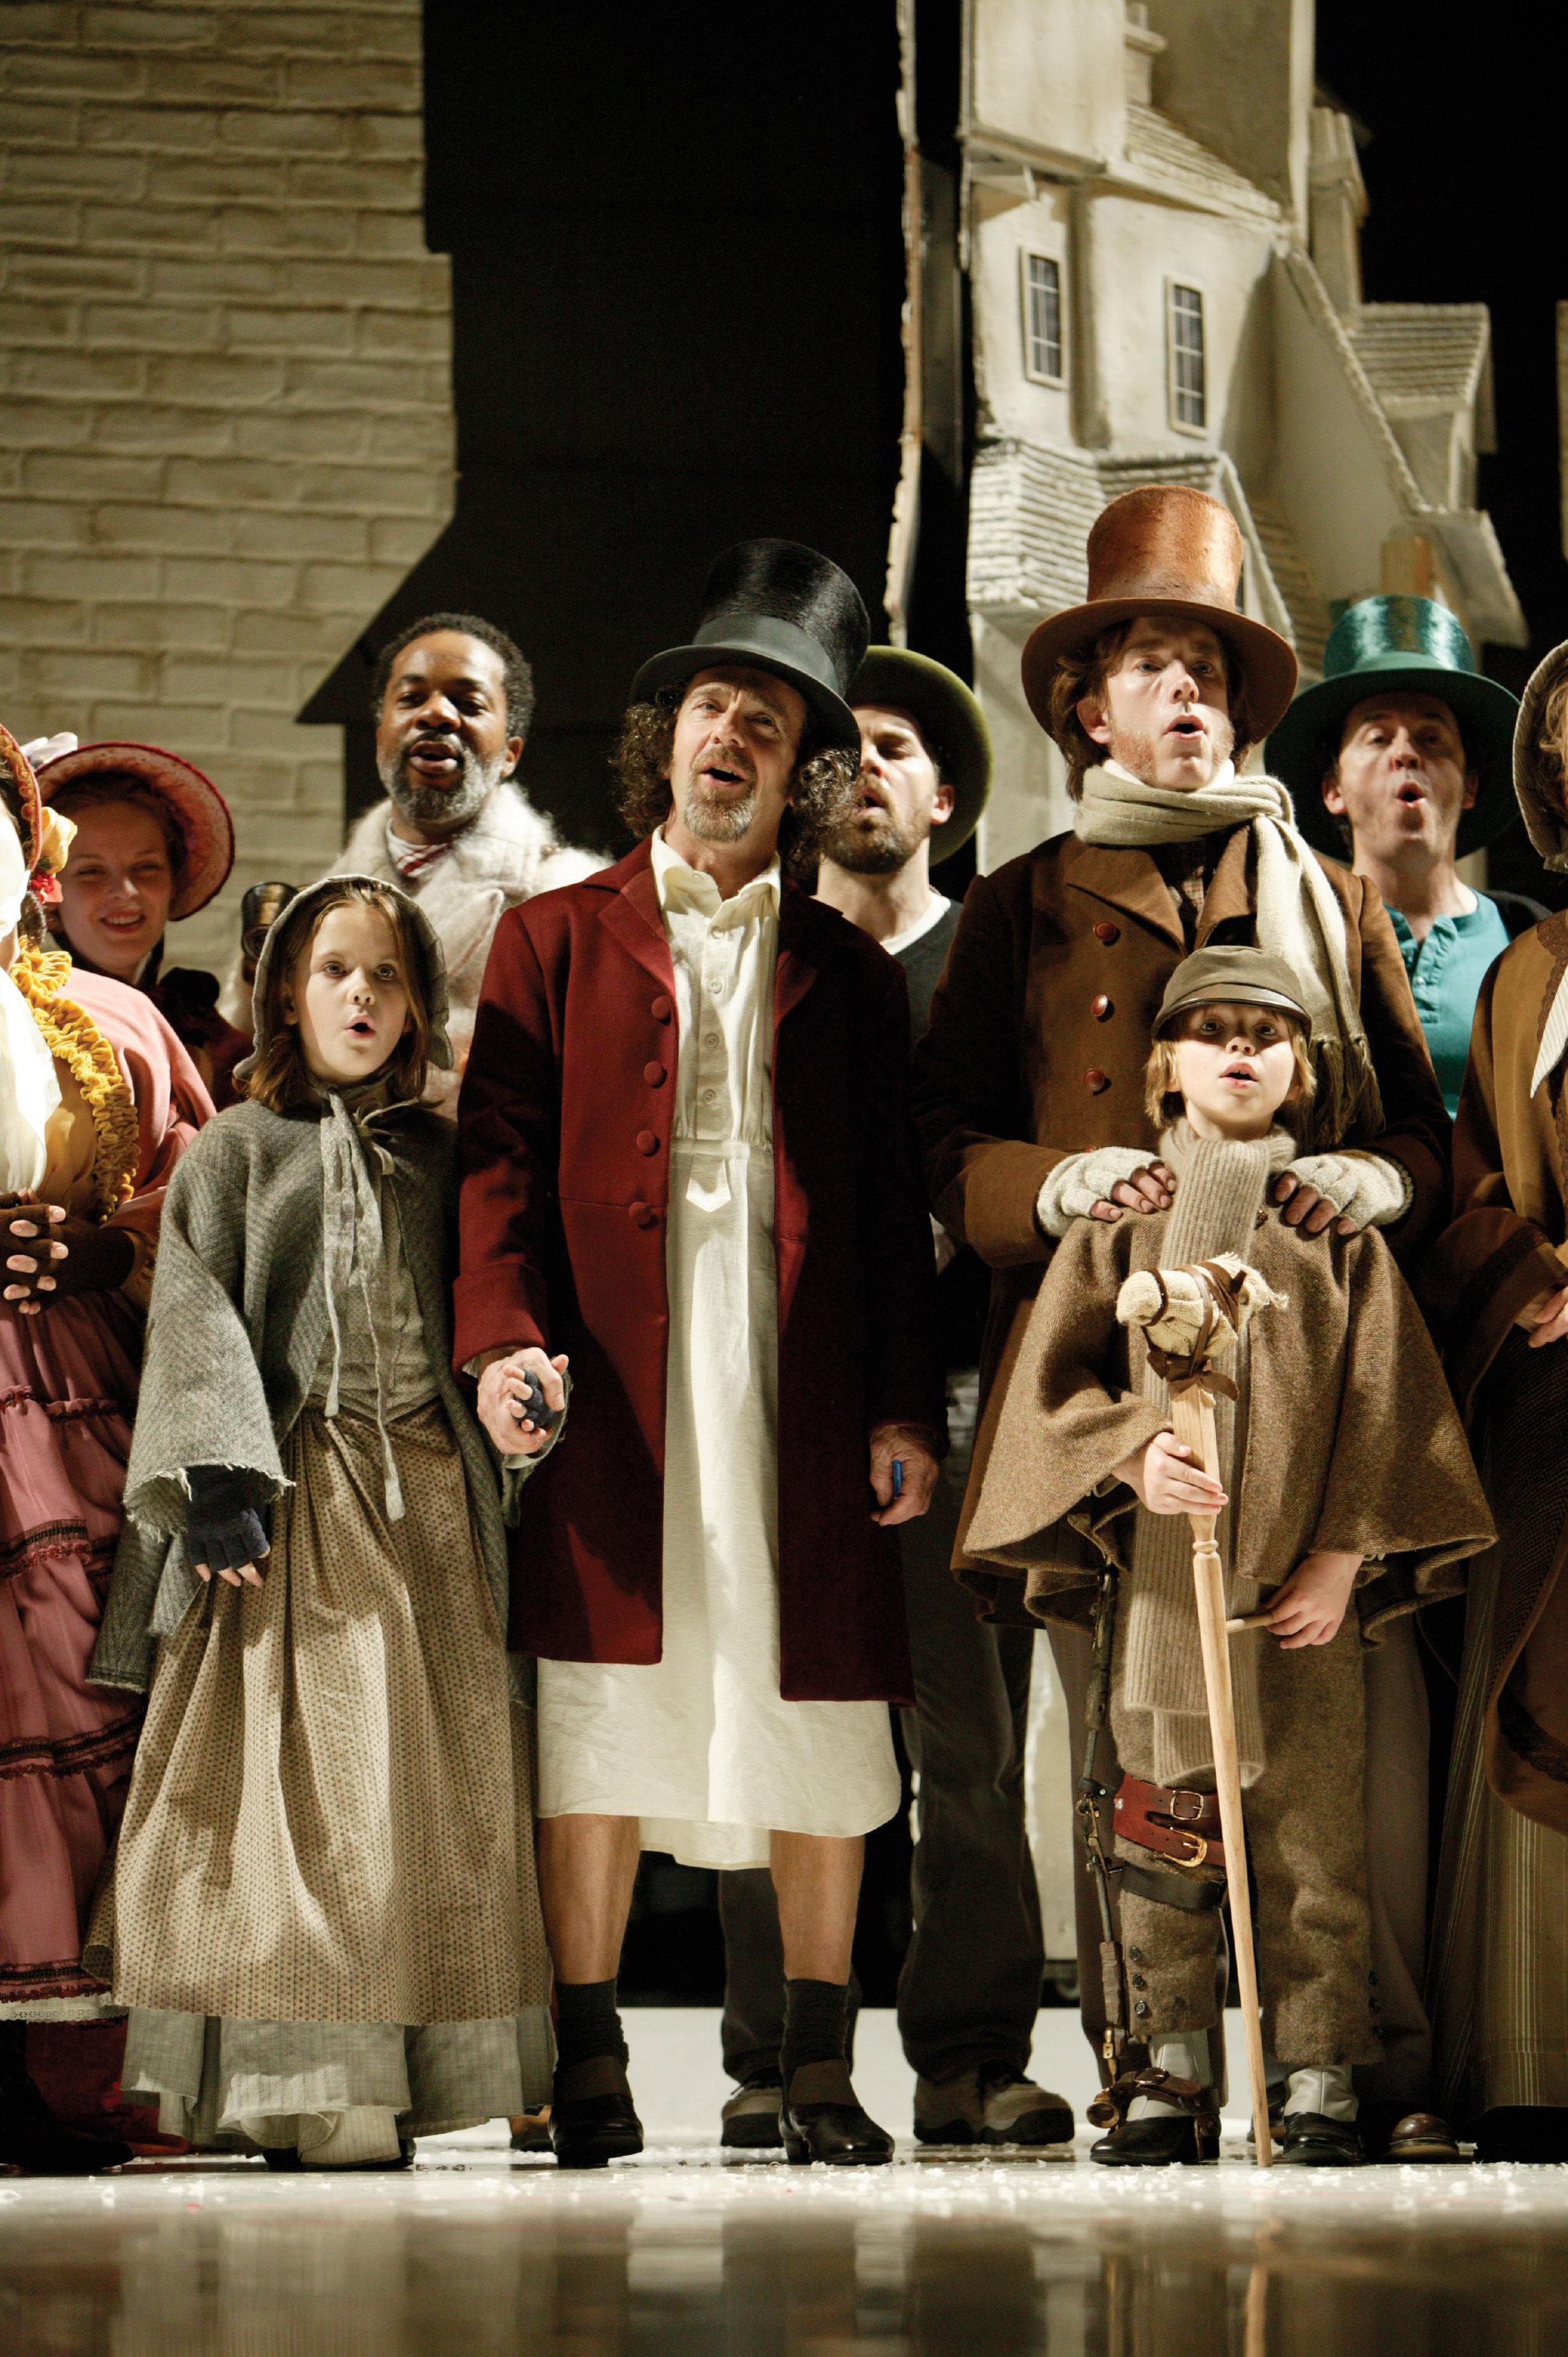 Theatre des Celestins during the Festival of Lights   Flickr